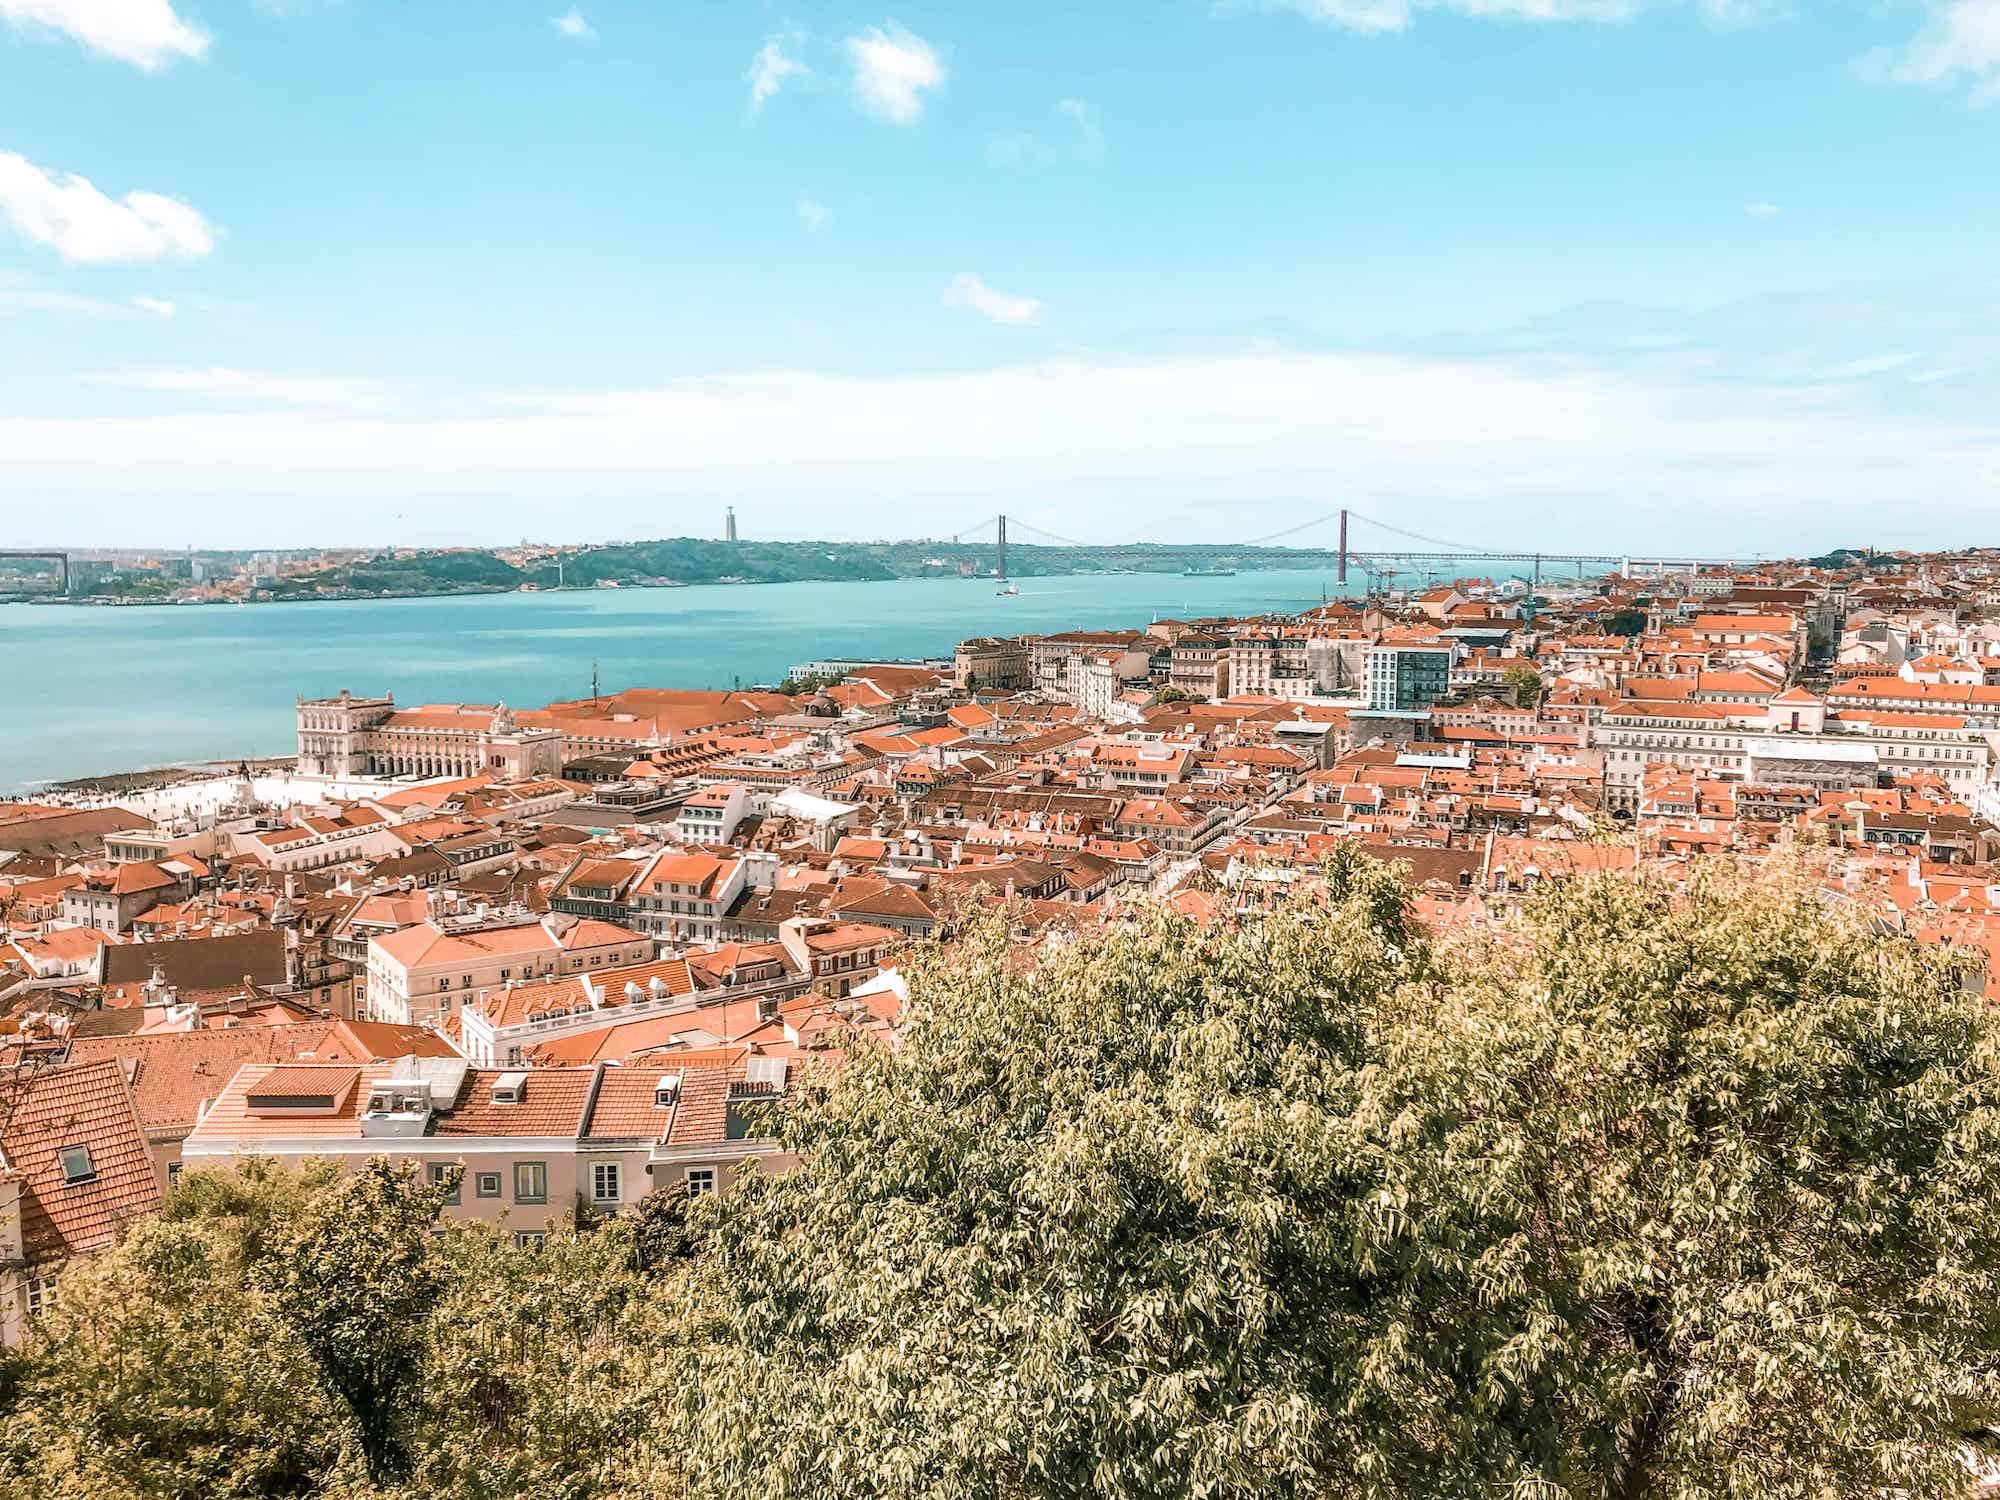 Eine tolle Aussichtsplattform in Lissabon